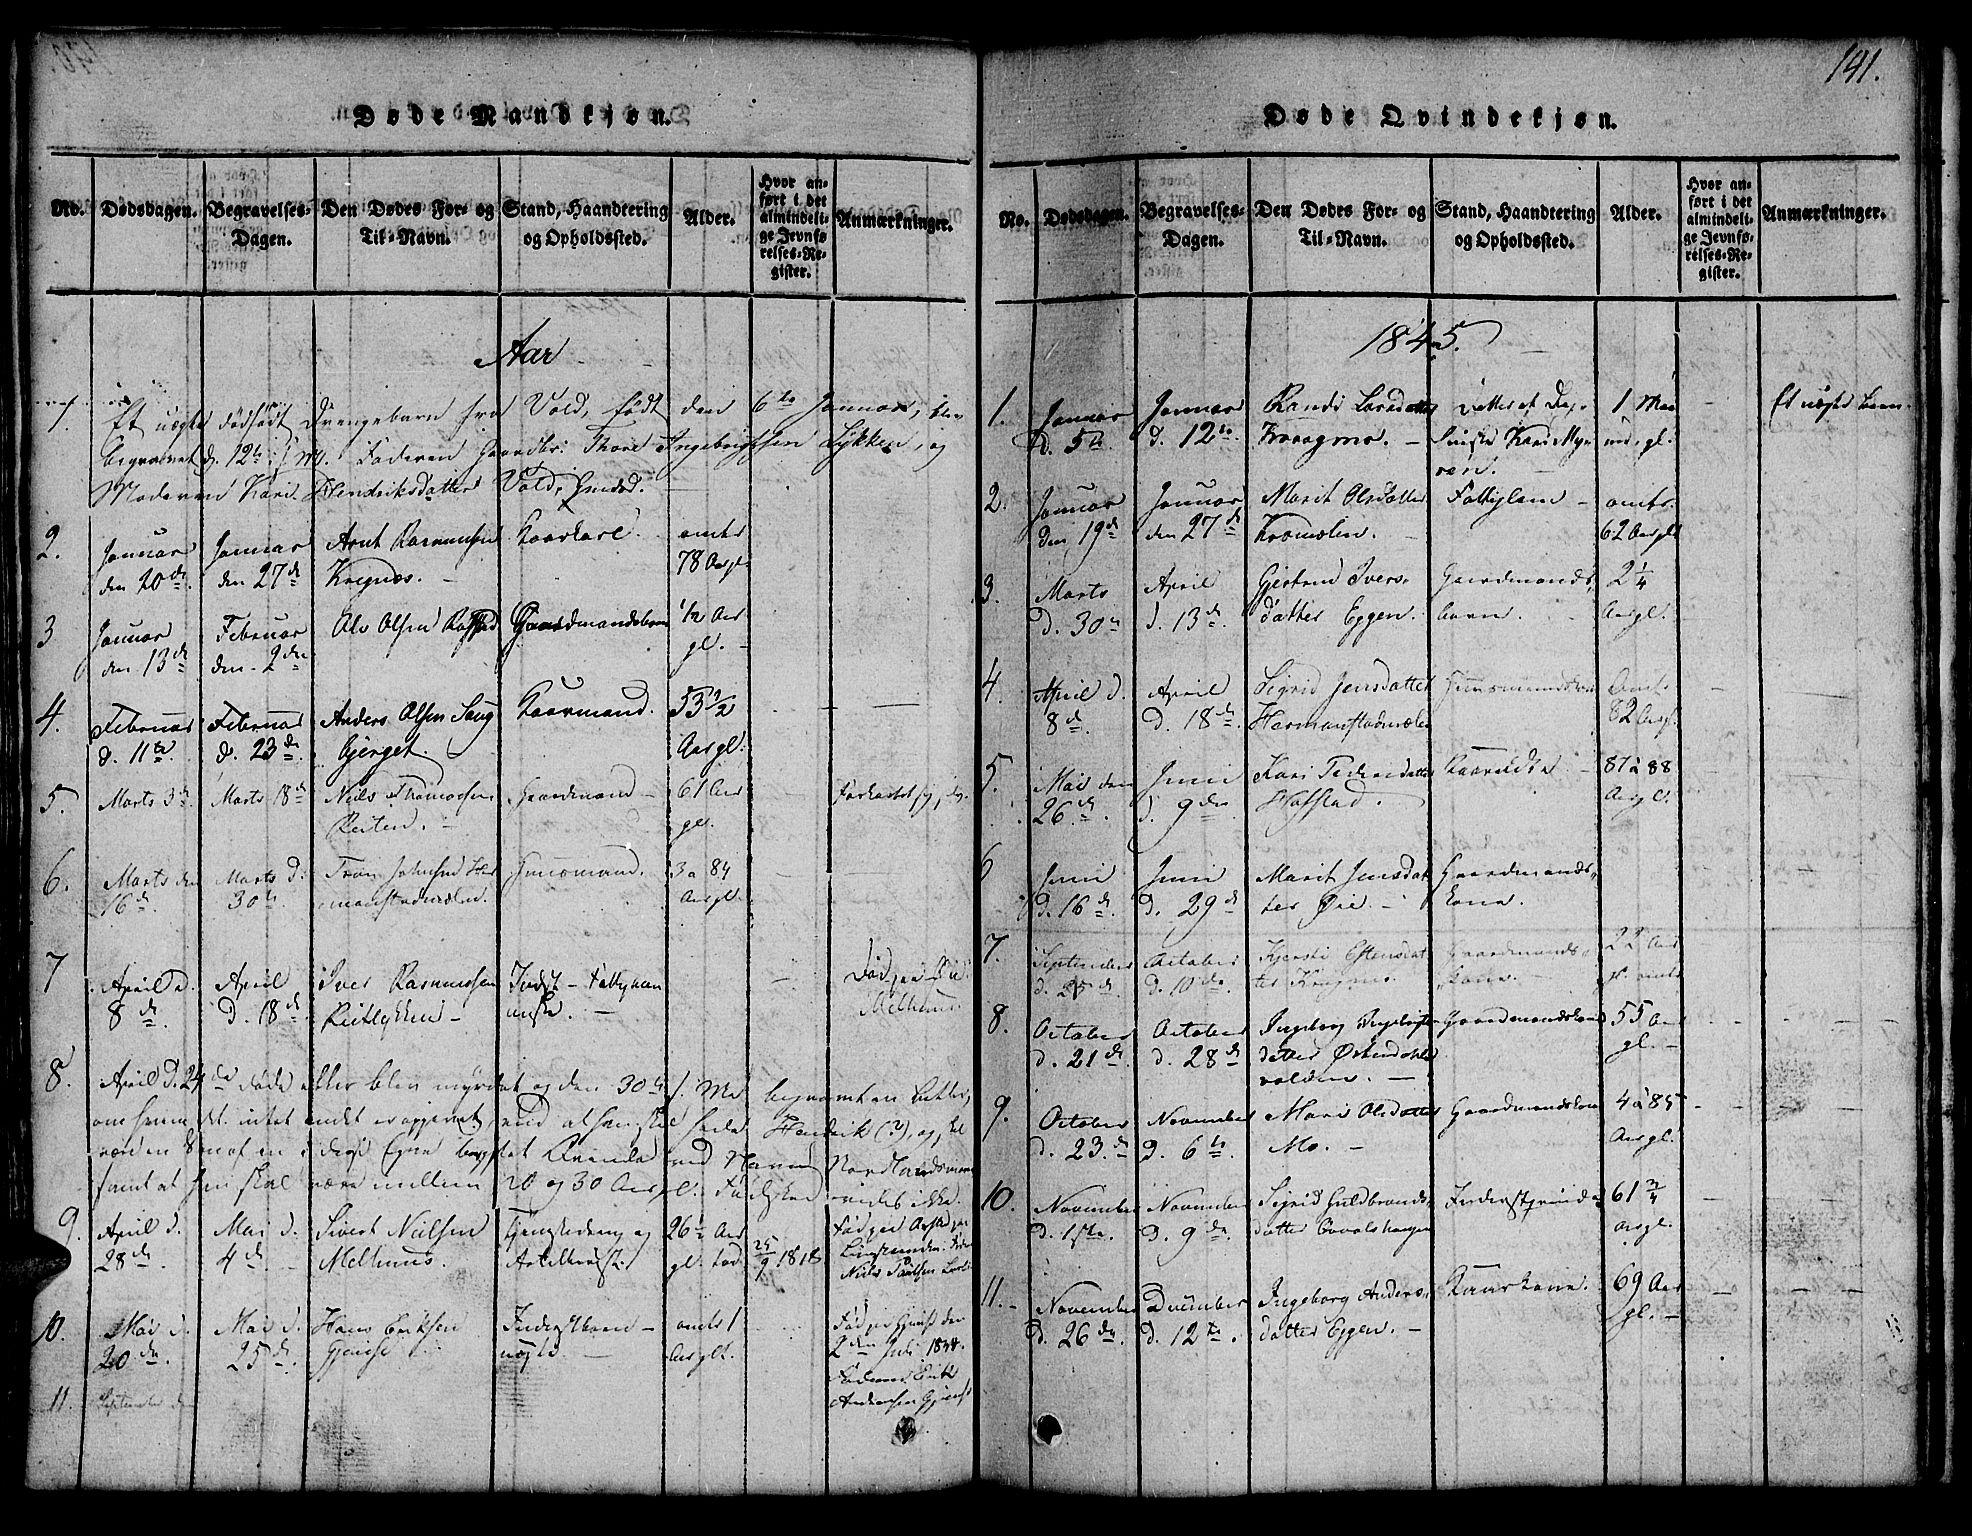 SAT, Ministerialprotokoller, klokkerbøker og fødselsregistre - Sør-Trøndelag, 691/L1092: Klokkerbok nr. 691C03, 1816-1852, s. 141